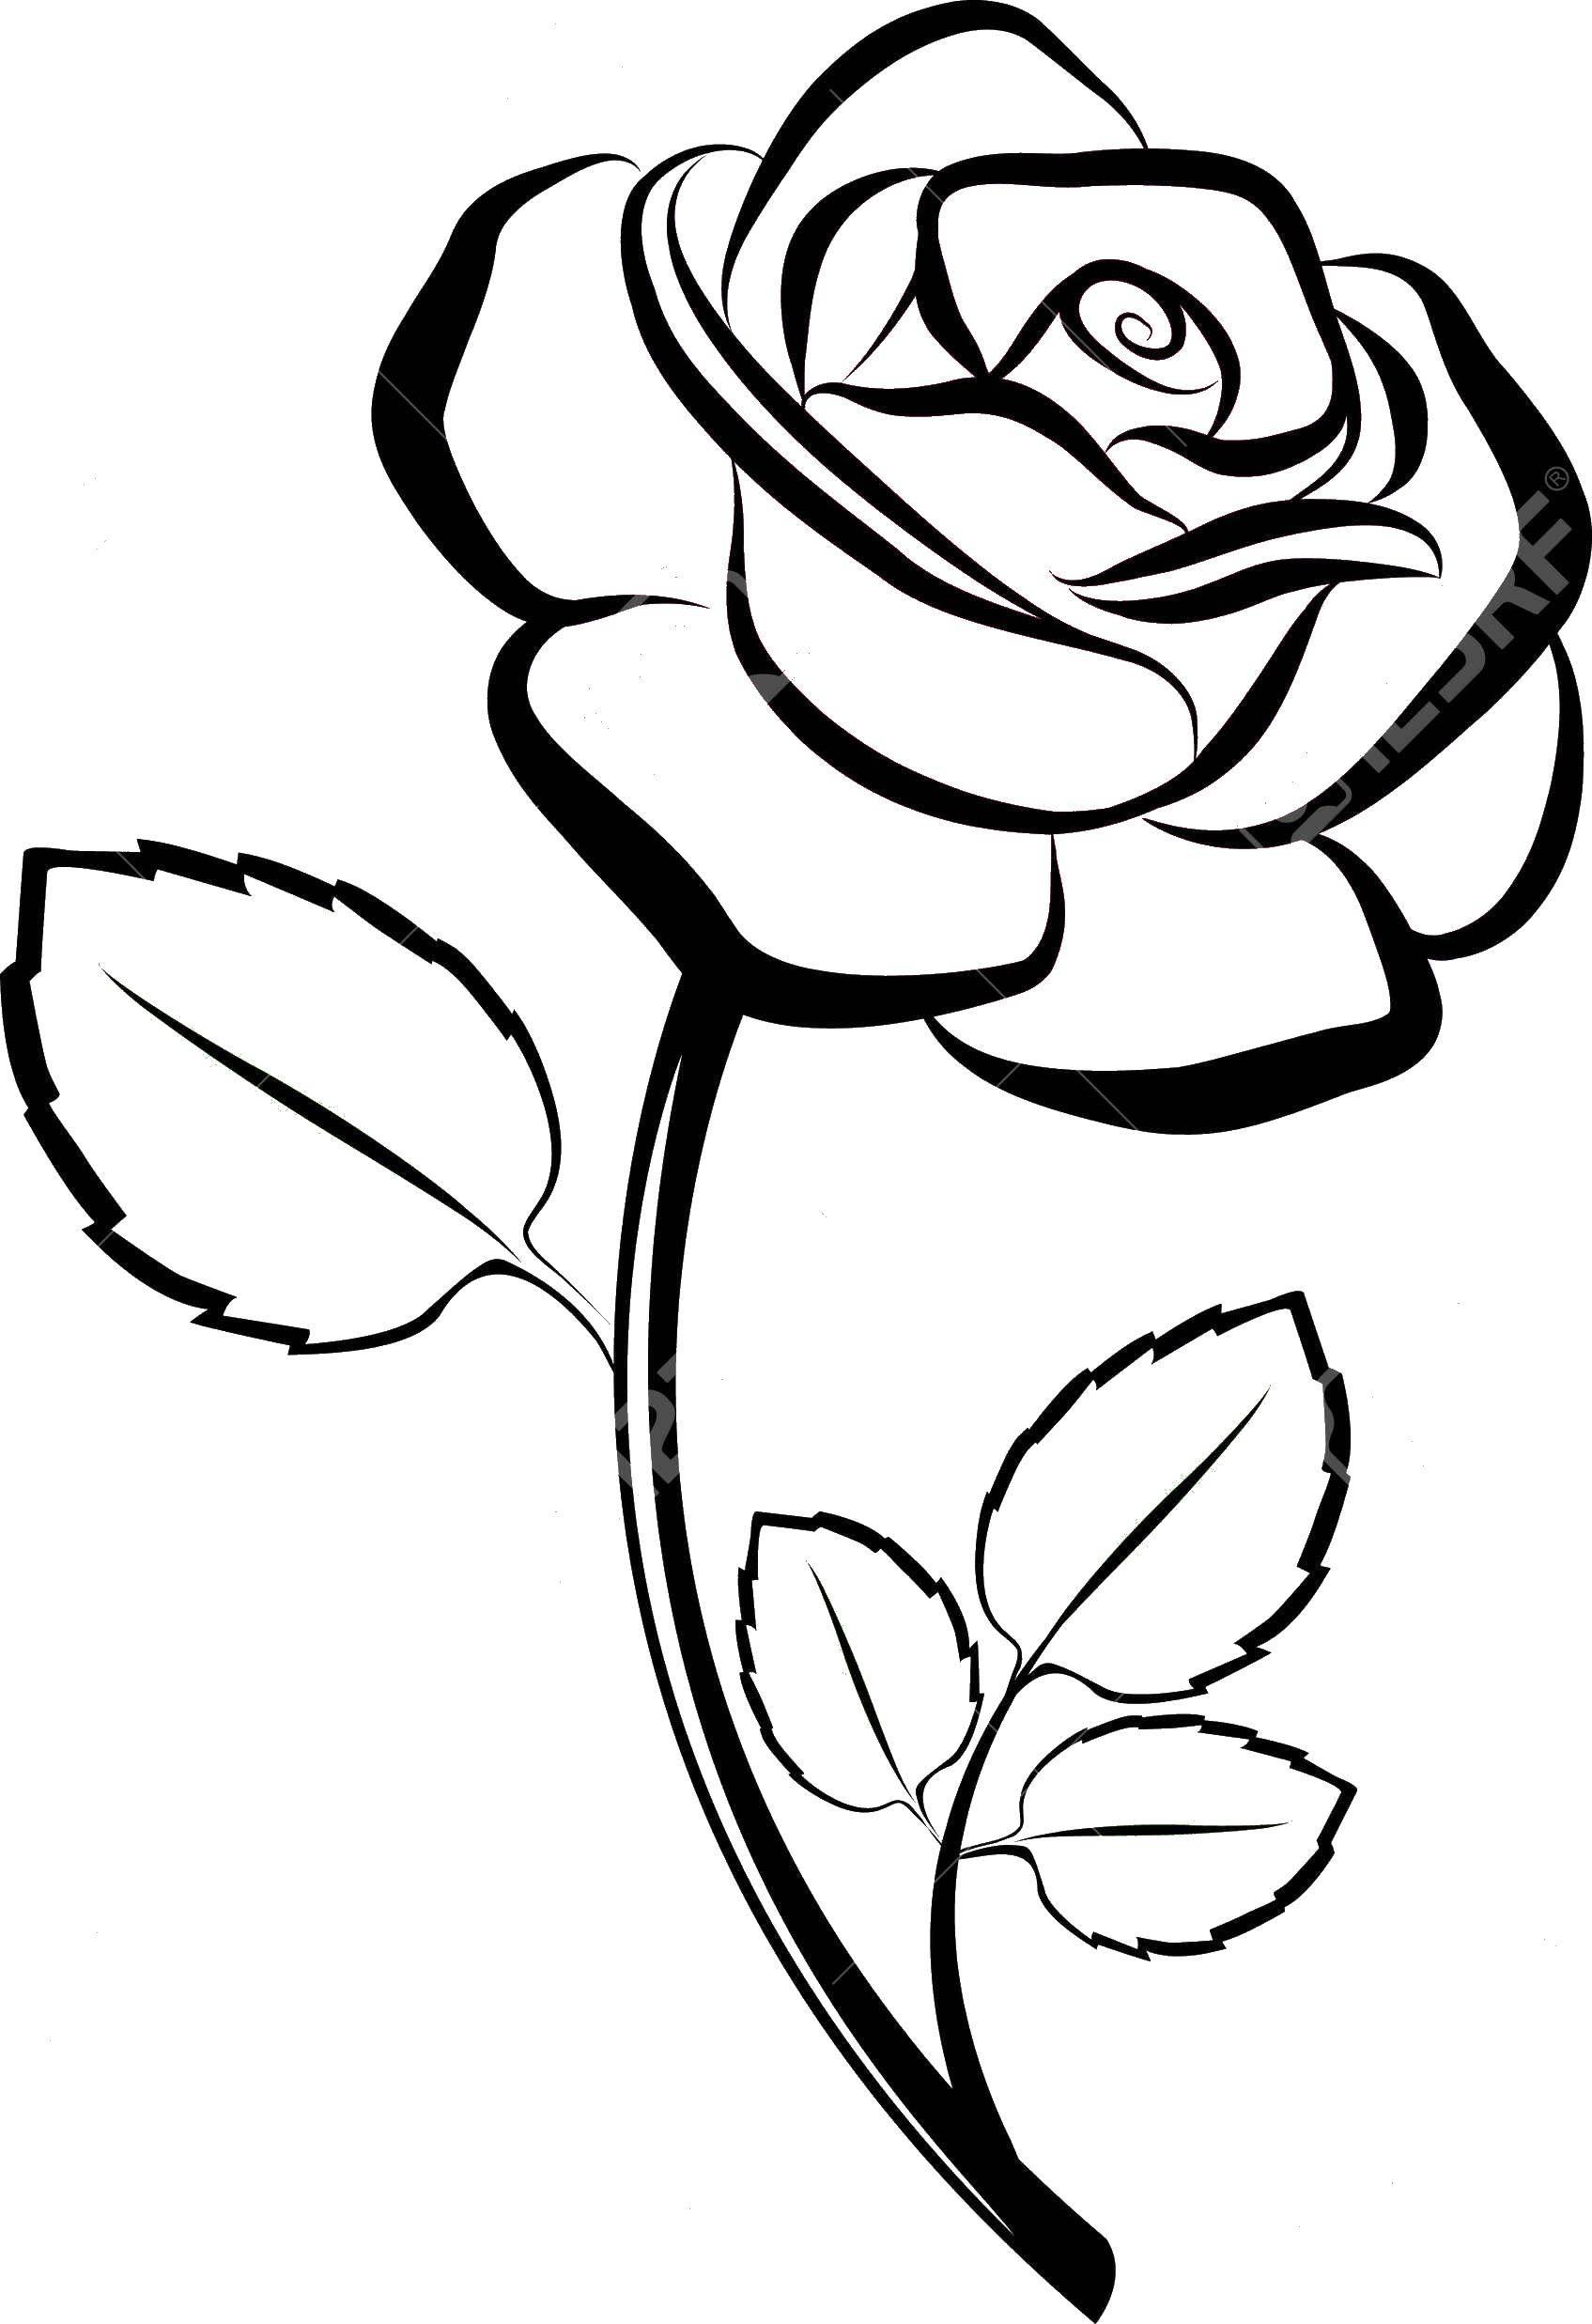 Раскраска Контуры и шаблоны Скачать ,роза, листья, листики,.  Распечатать